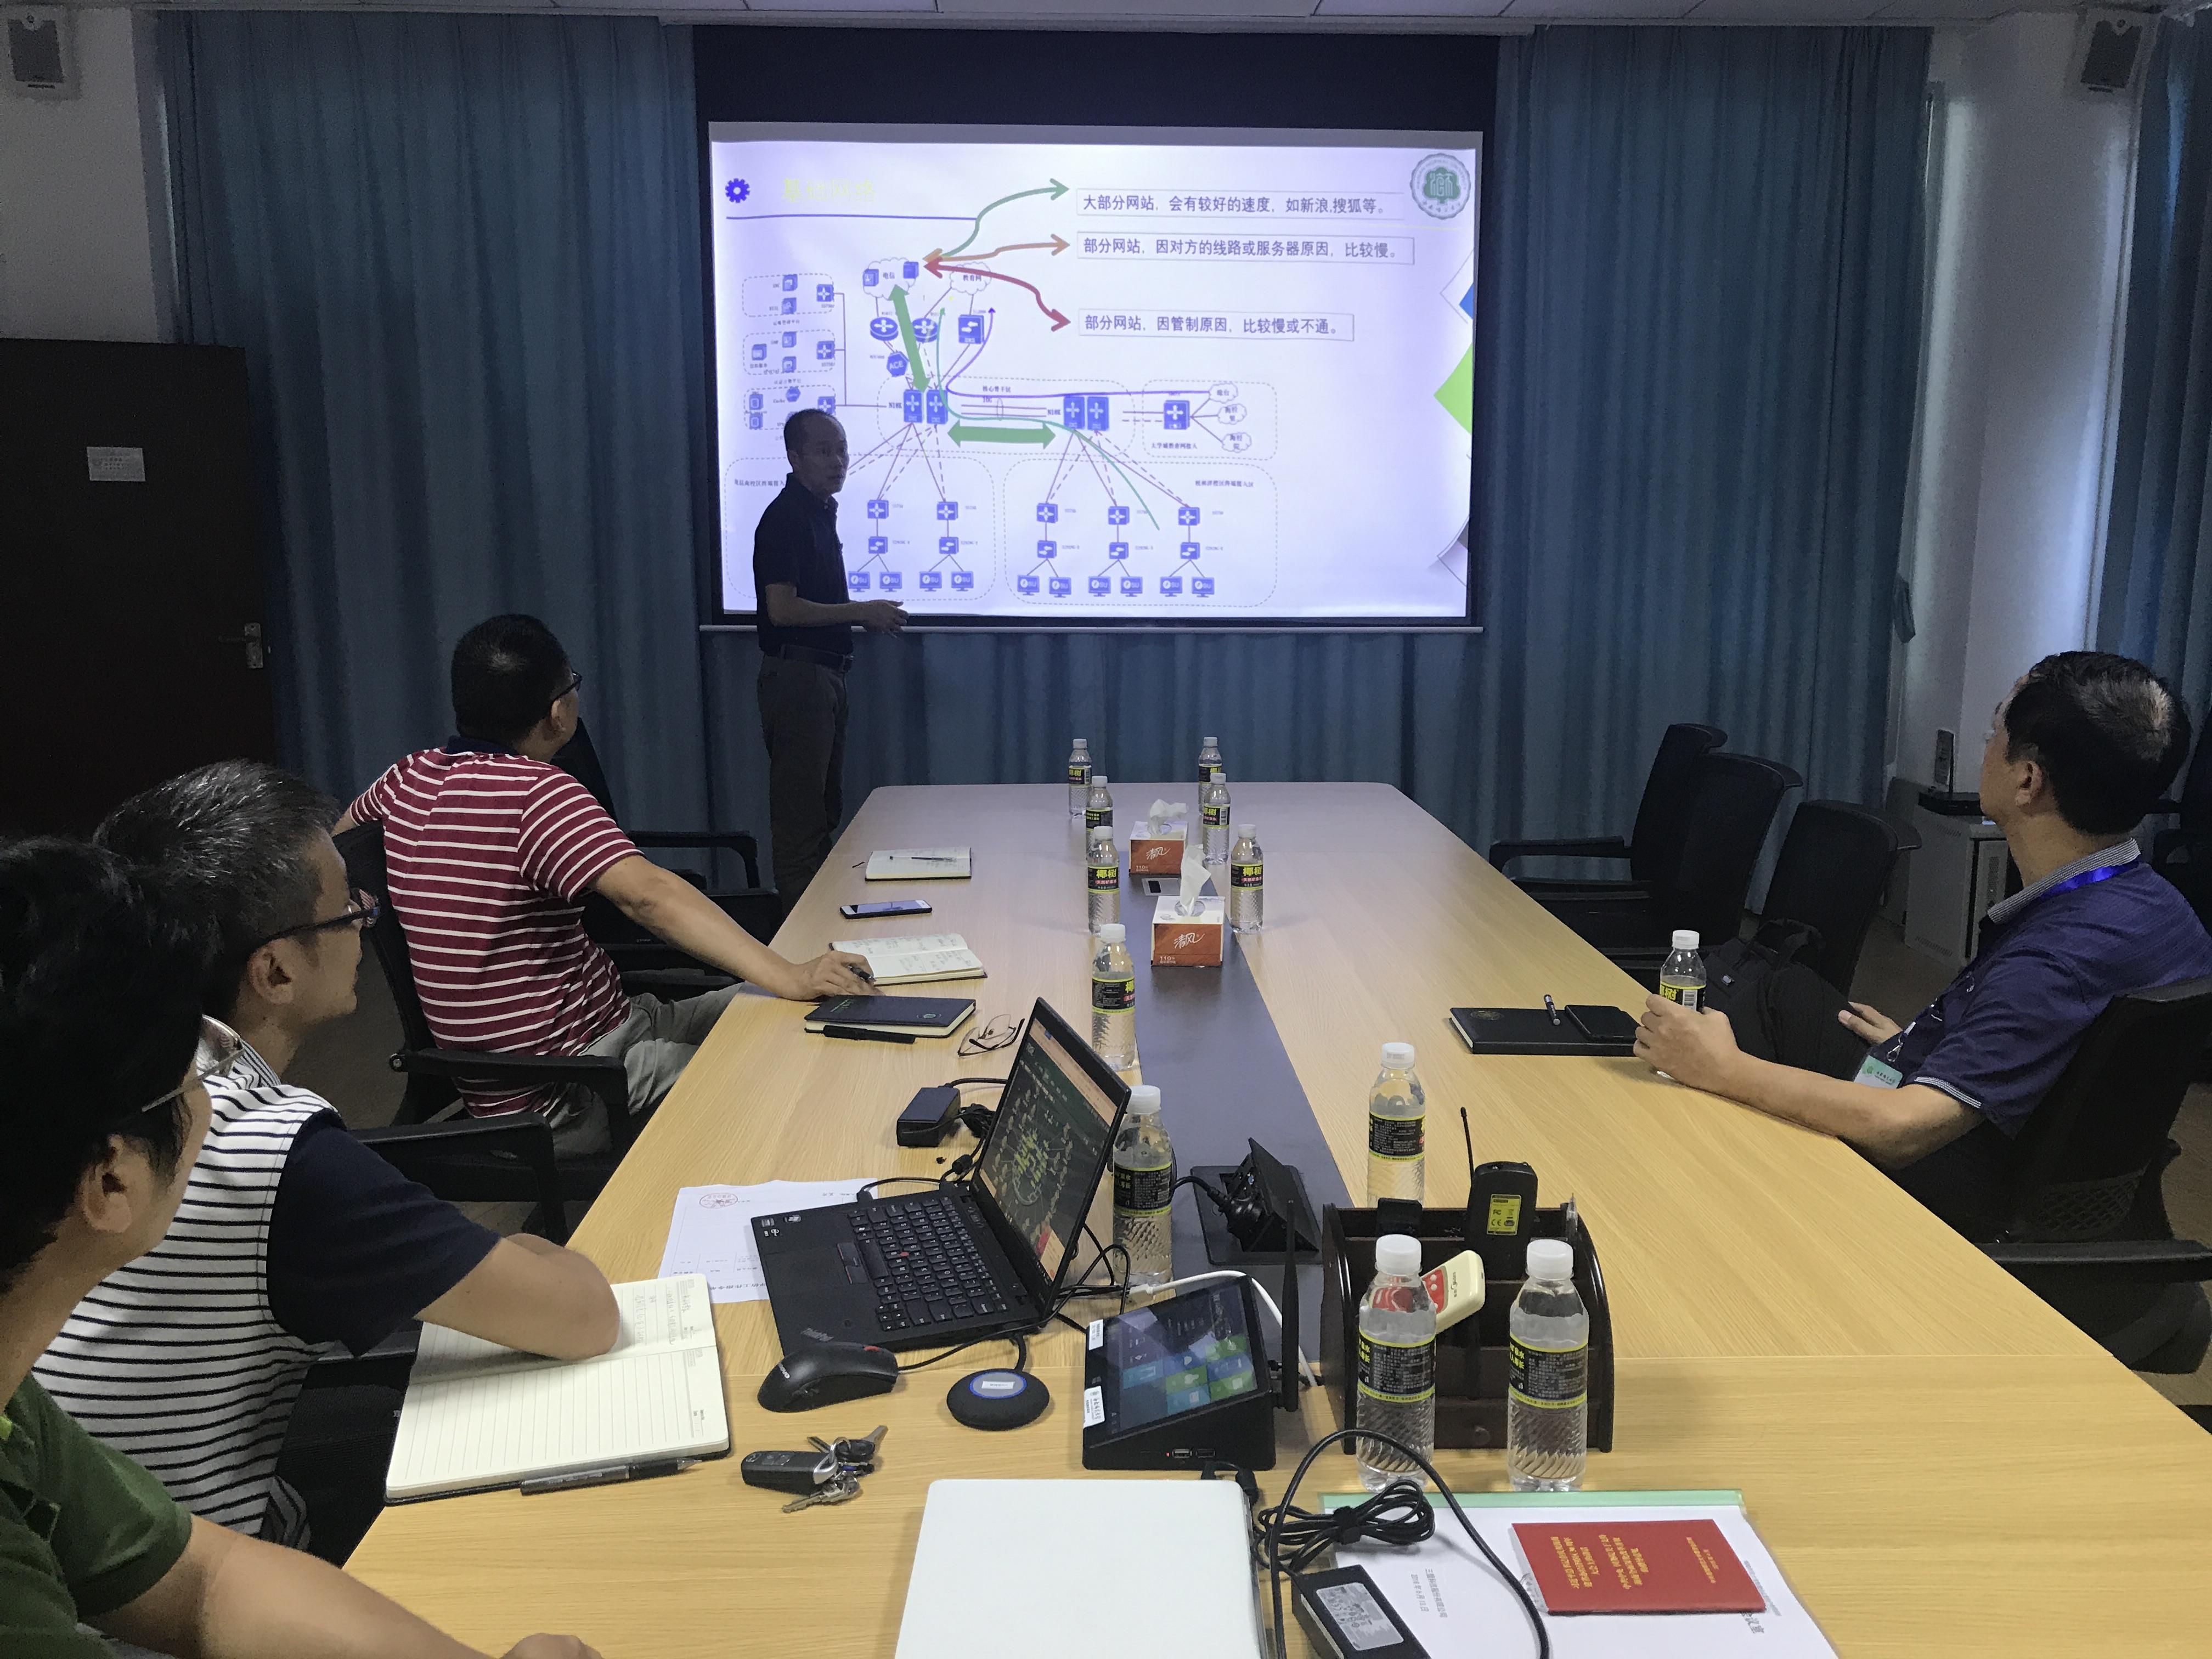 审核评估专家到信息网络与数据中心指导工作